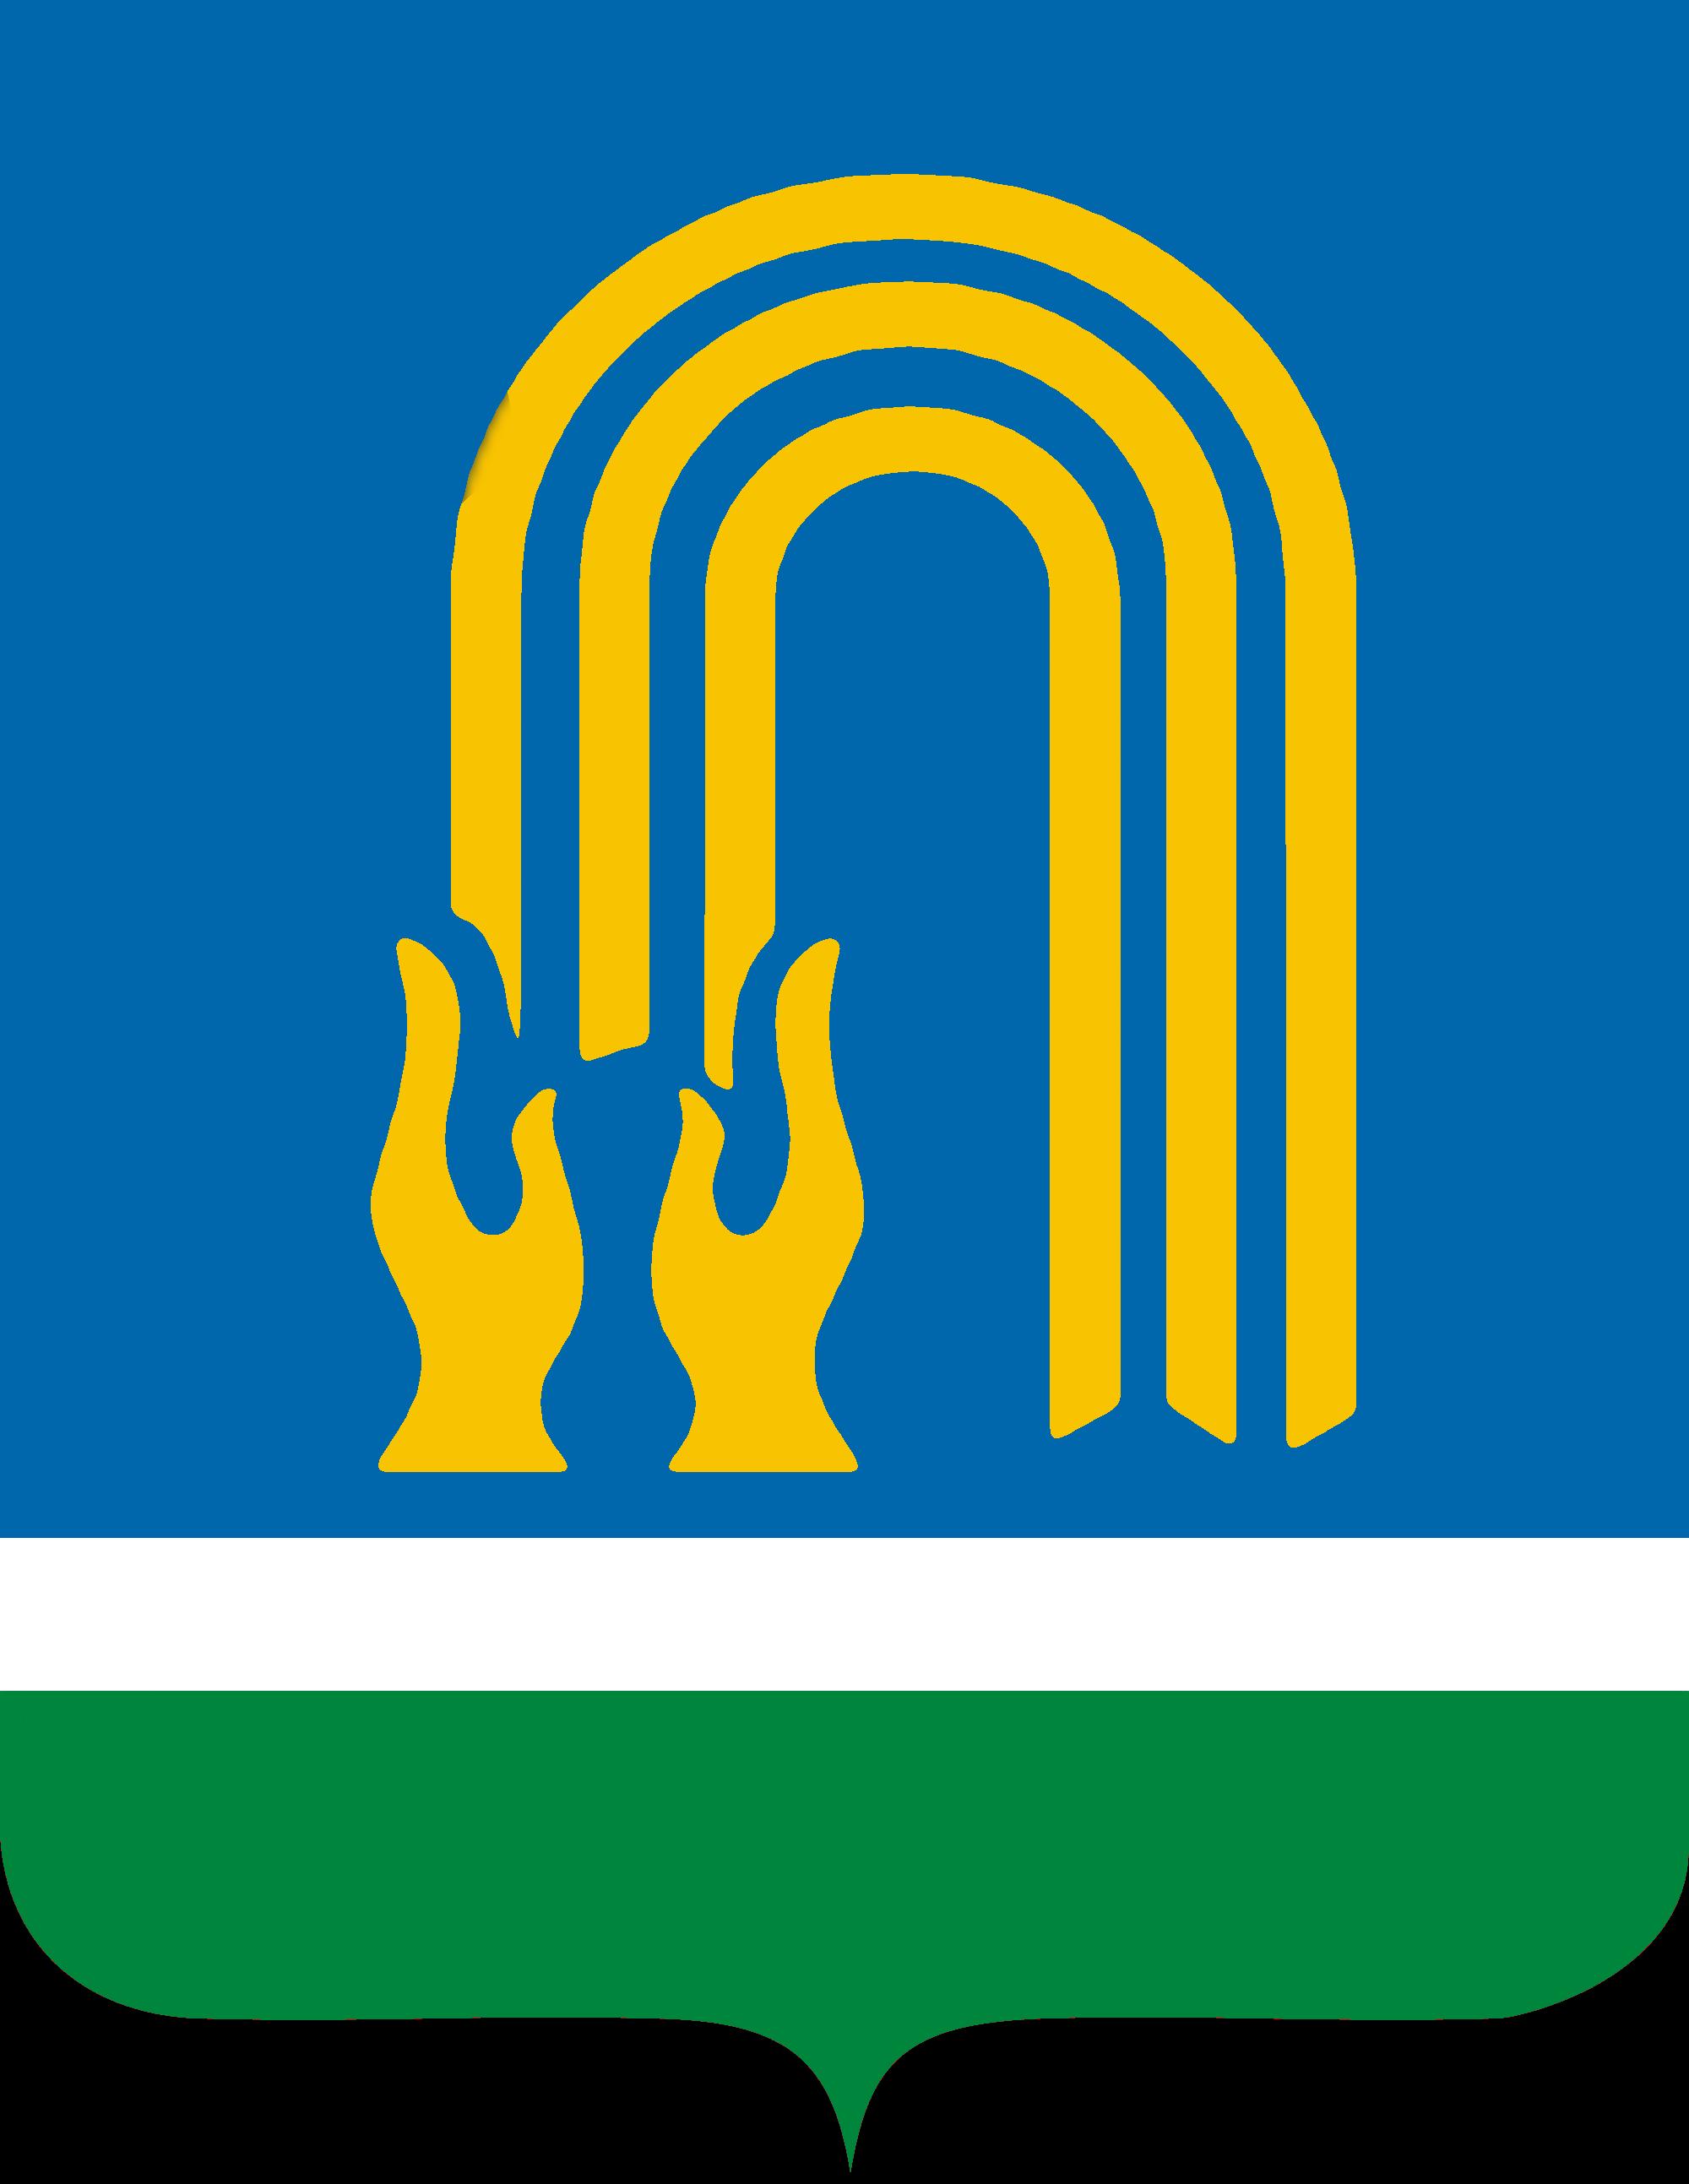 герб города Октябрьского